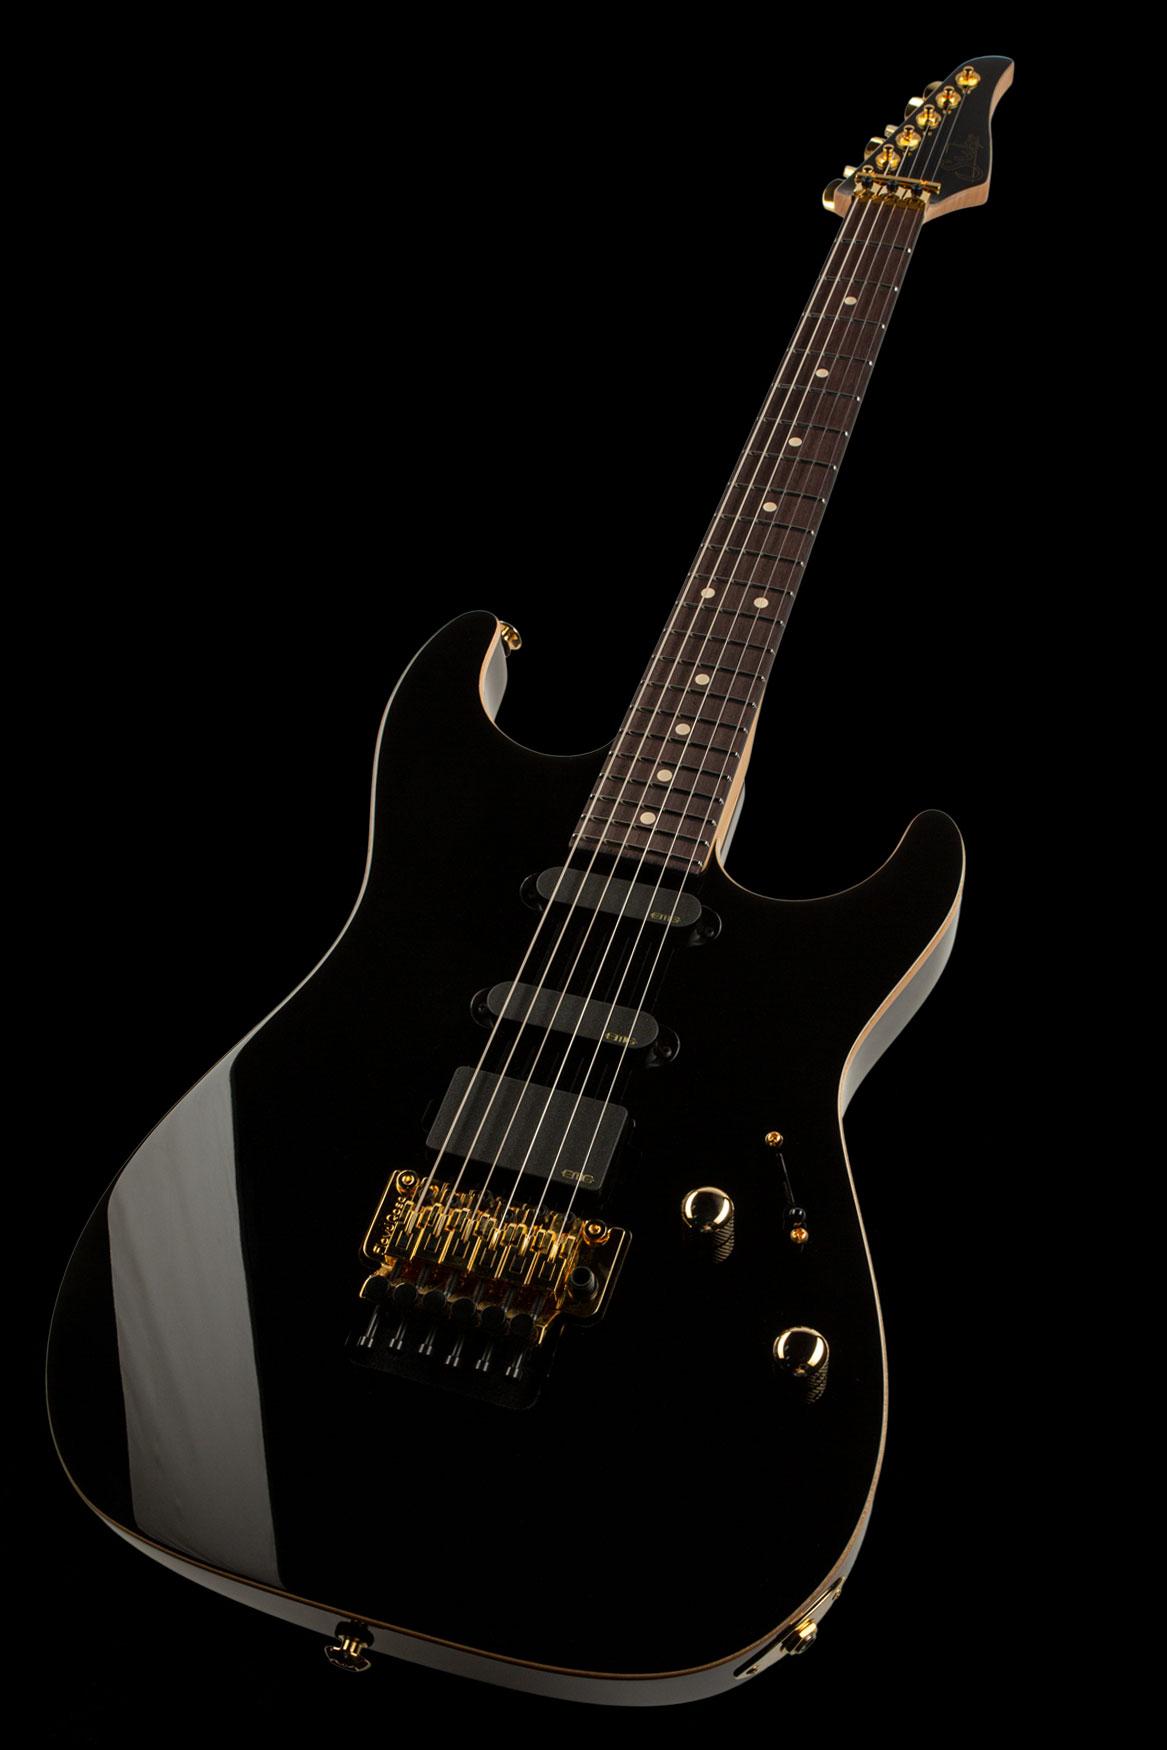 01-LTD-0032: Standard Legacy, Black, Original Floyd Rose